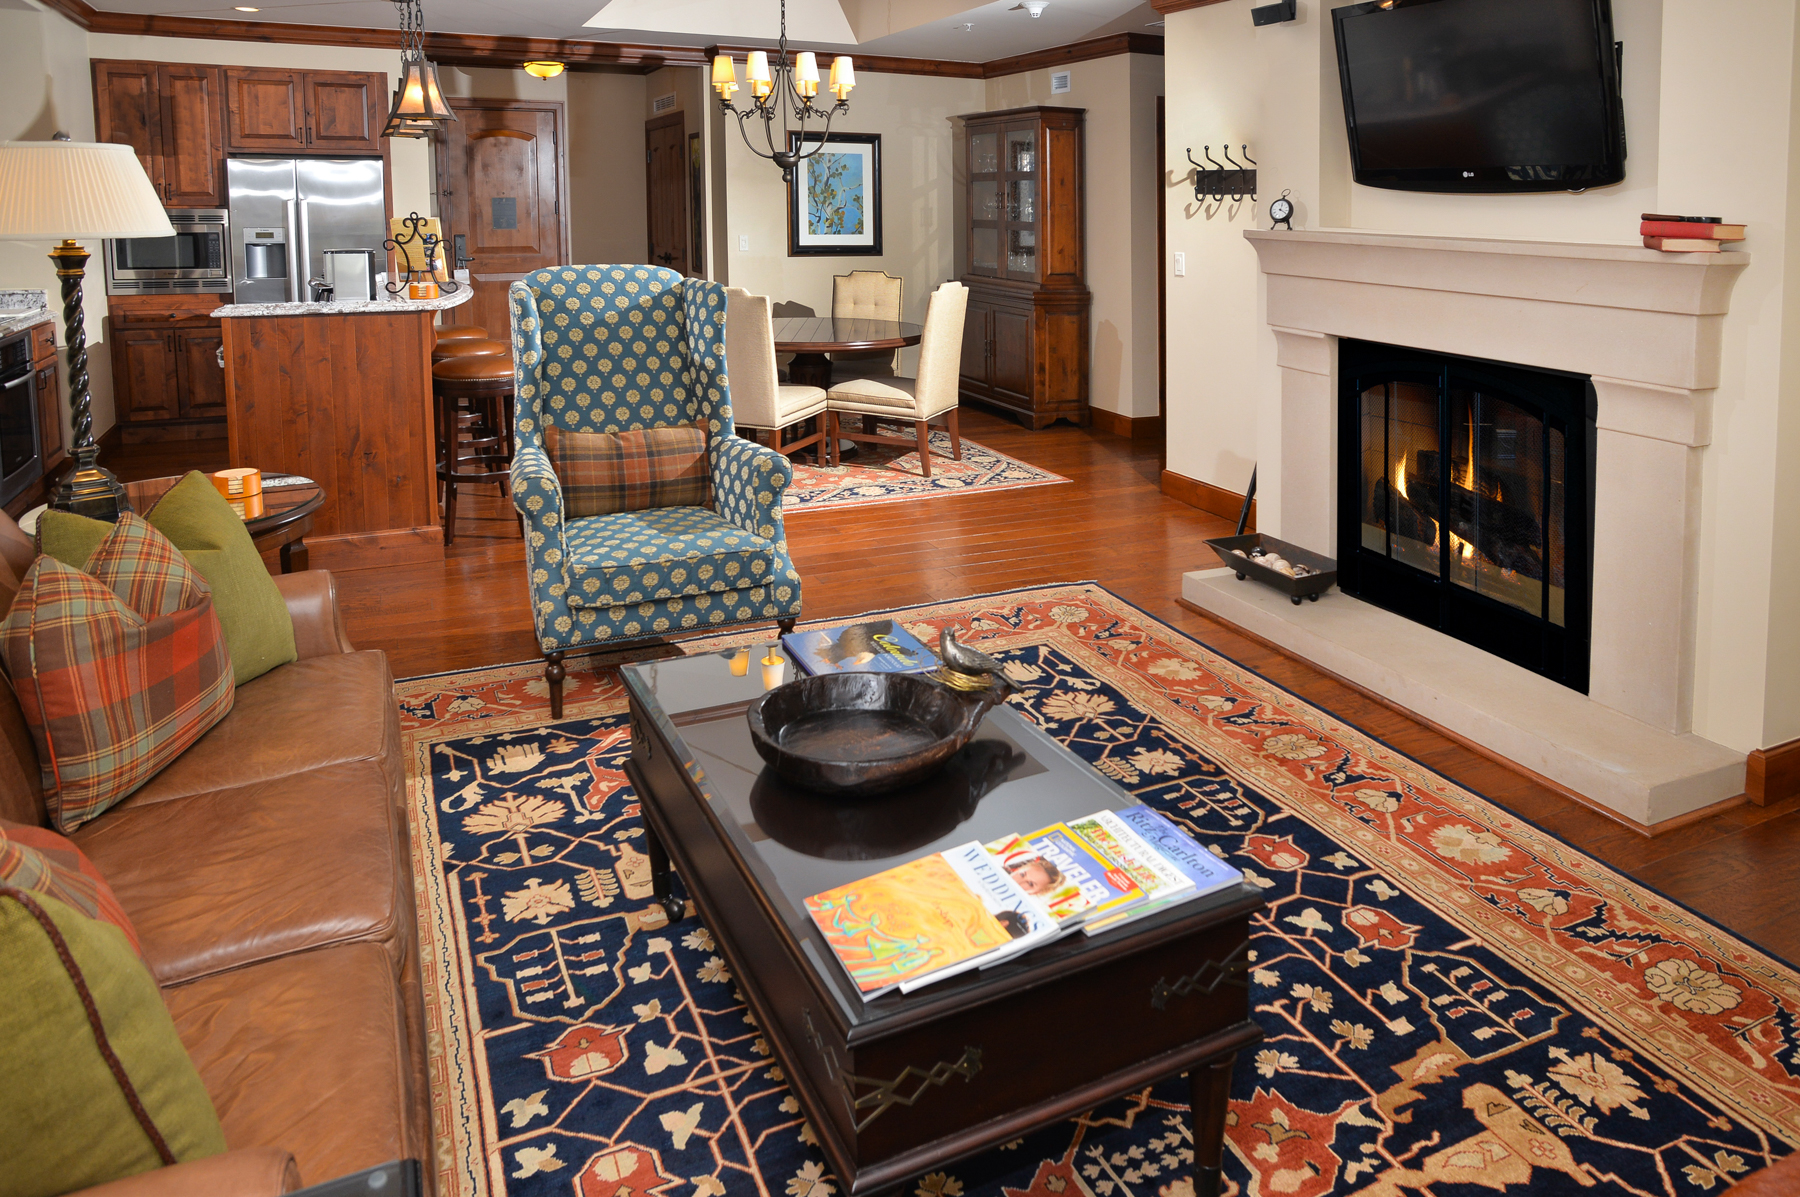 部分所有权 为 销售 在 Ritz-Carlton #418 728 W Lionshead Cir 418-06 韦尔, 科罗拉多州, 81657 美国